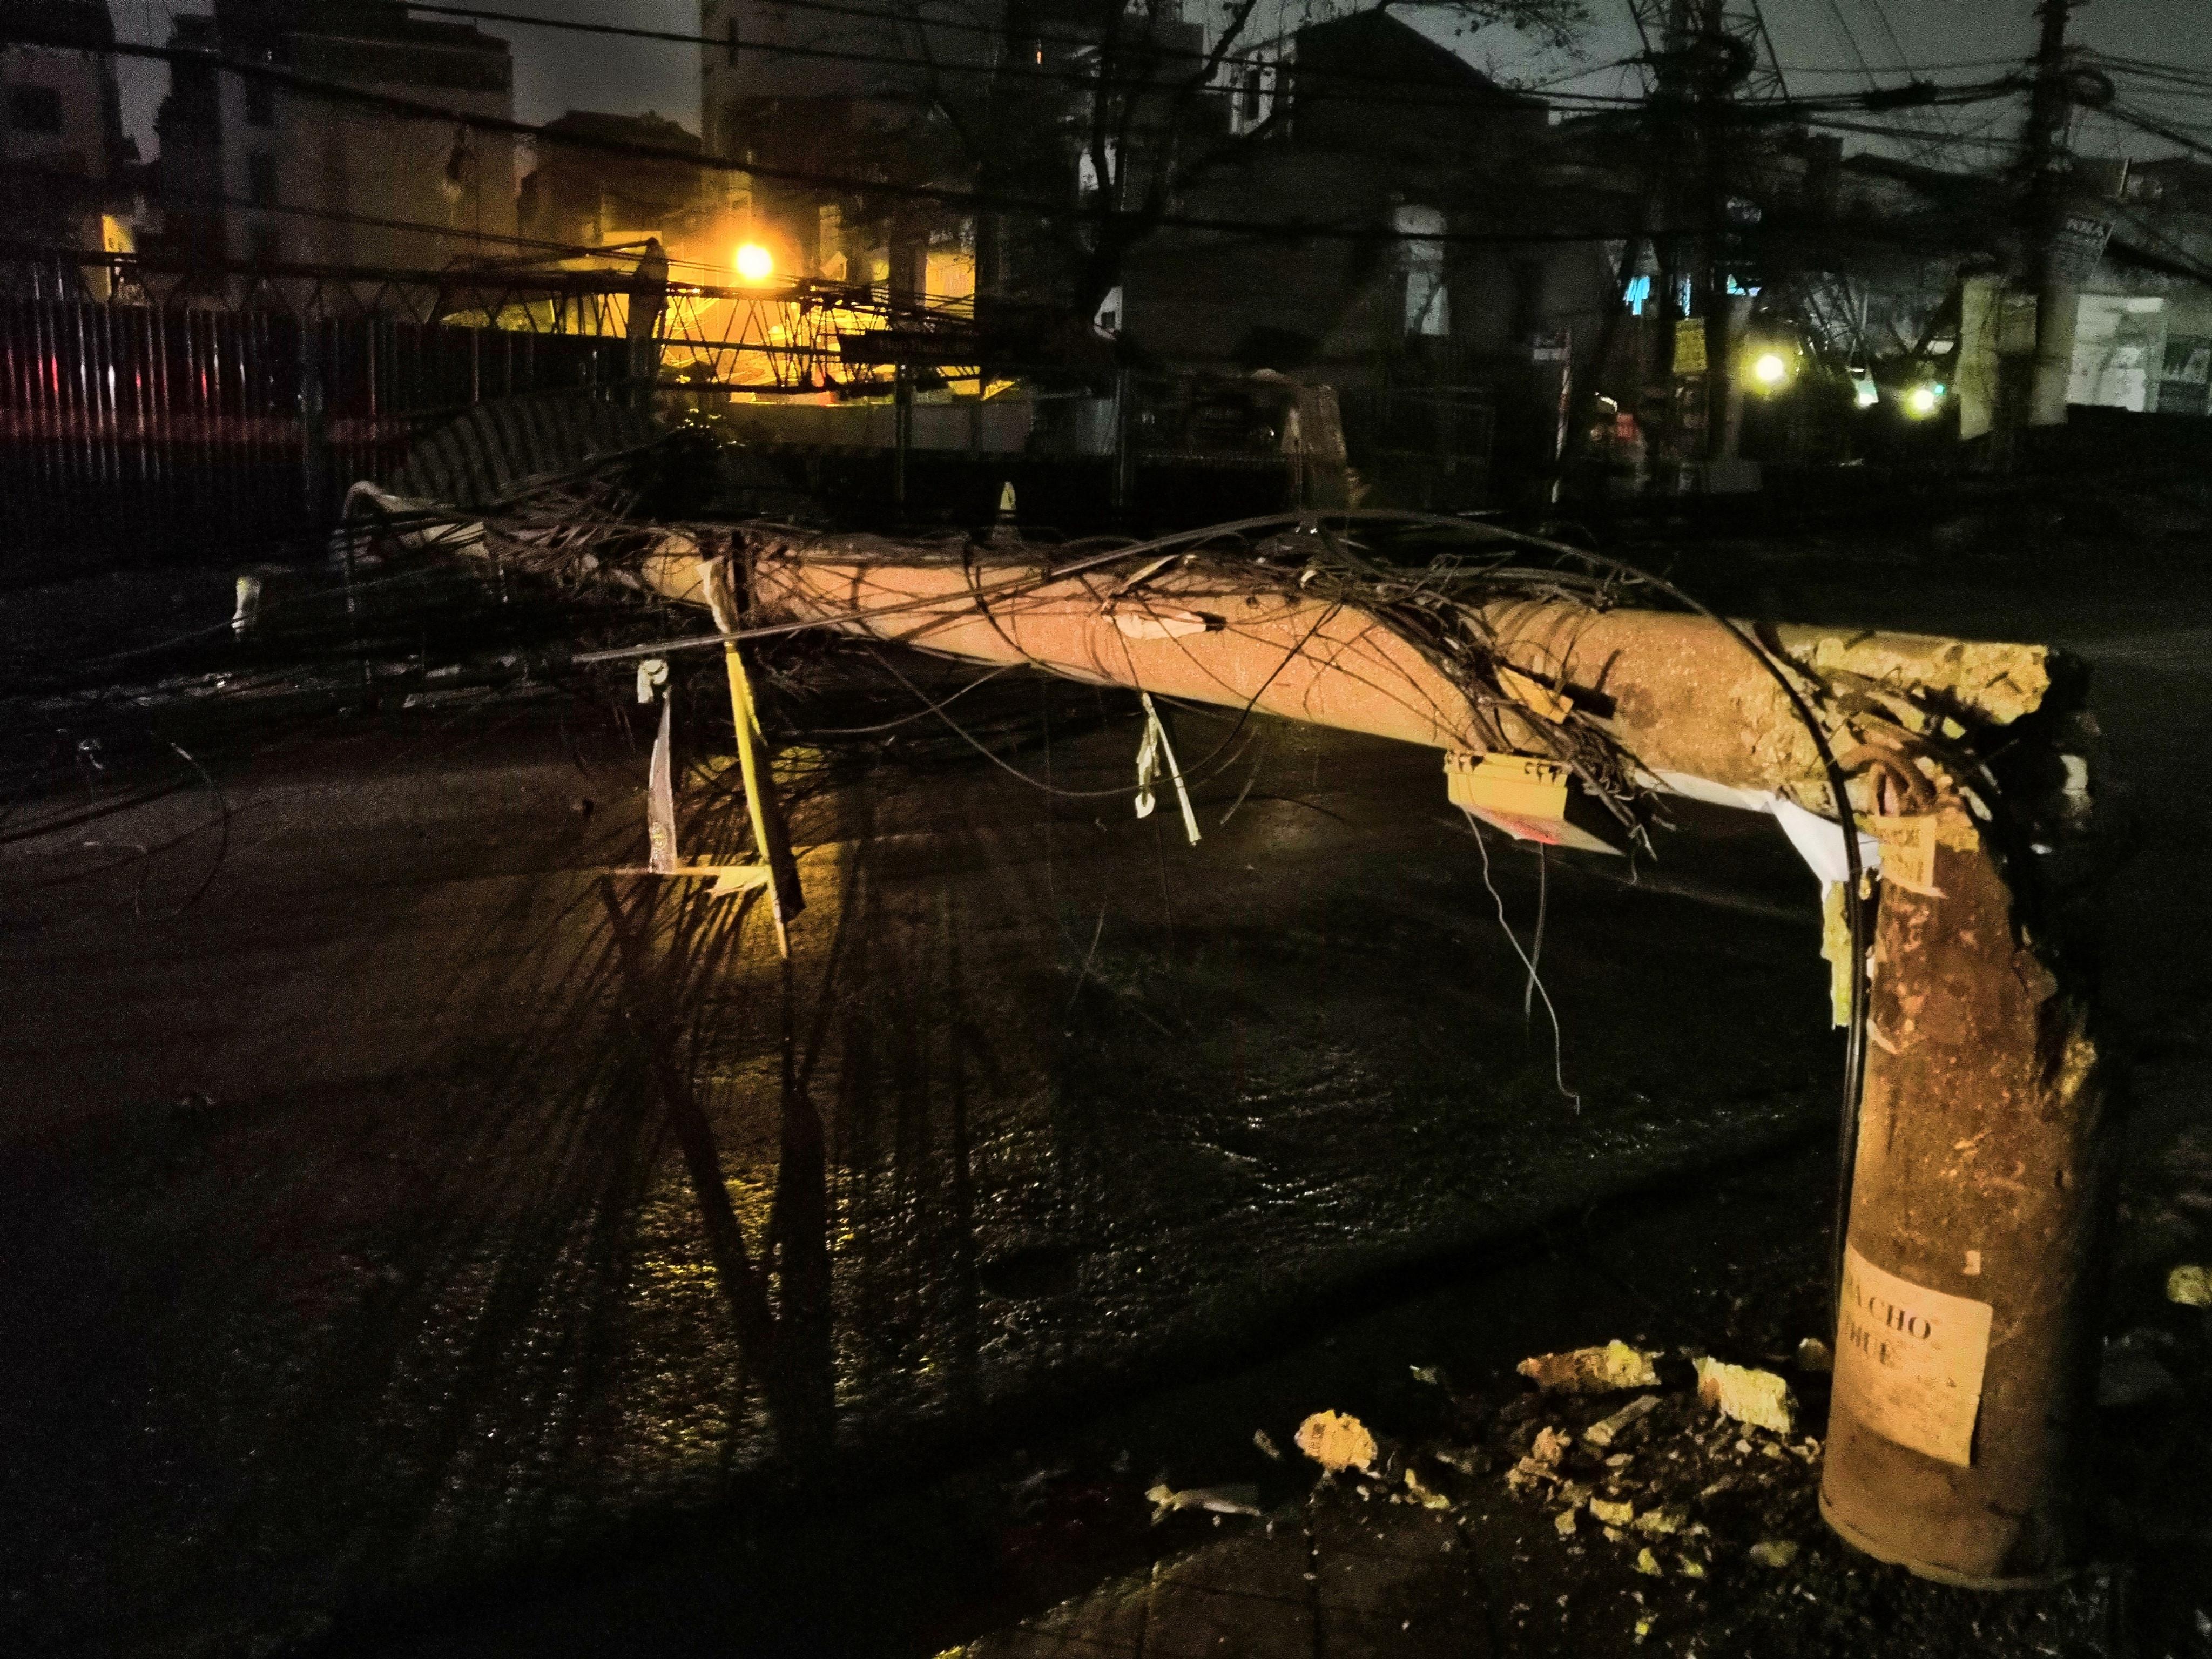 Xe bồn chở xăng kéo đổ 4 cột điện trong đêm, nhiều hộ dân mất điện Ảnh 3